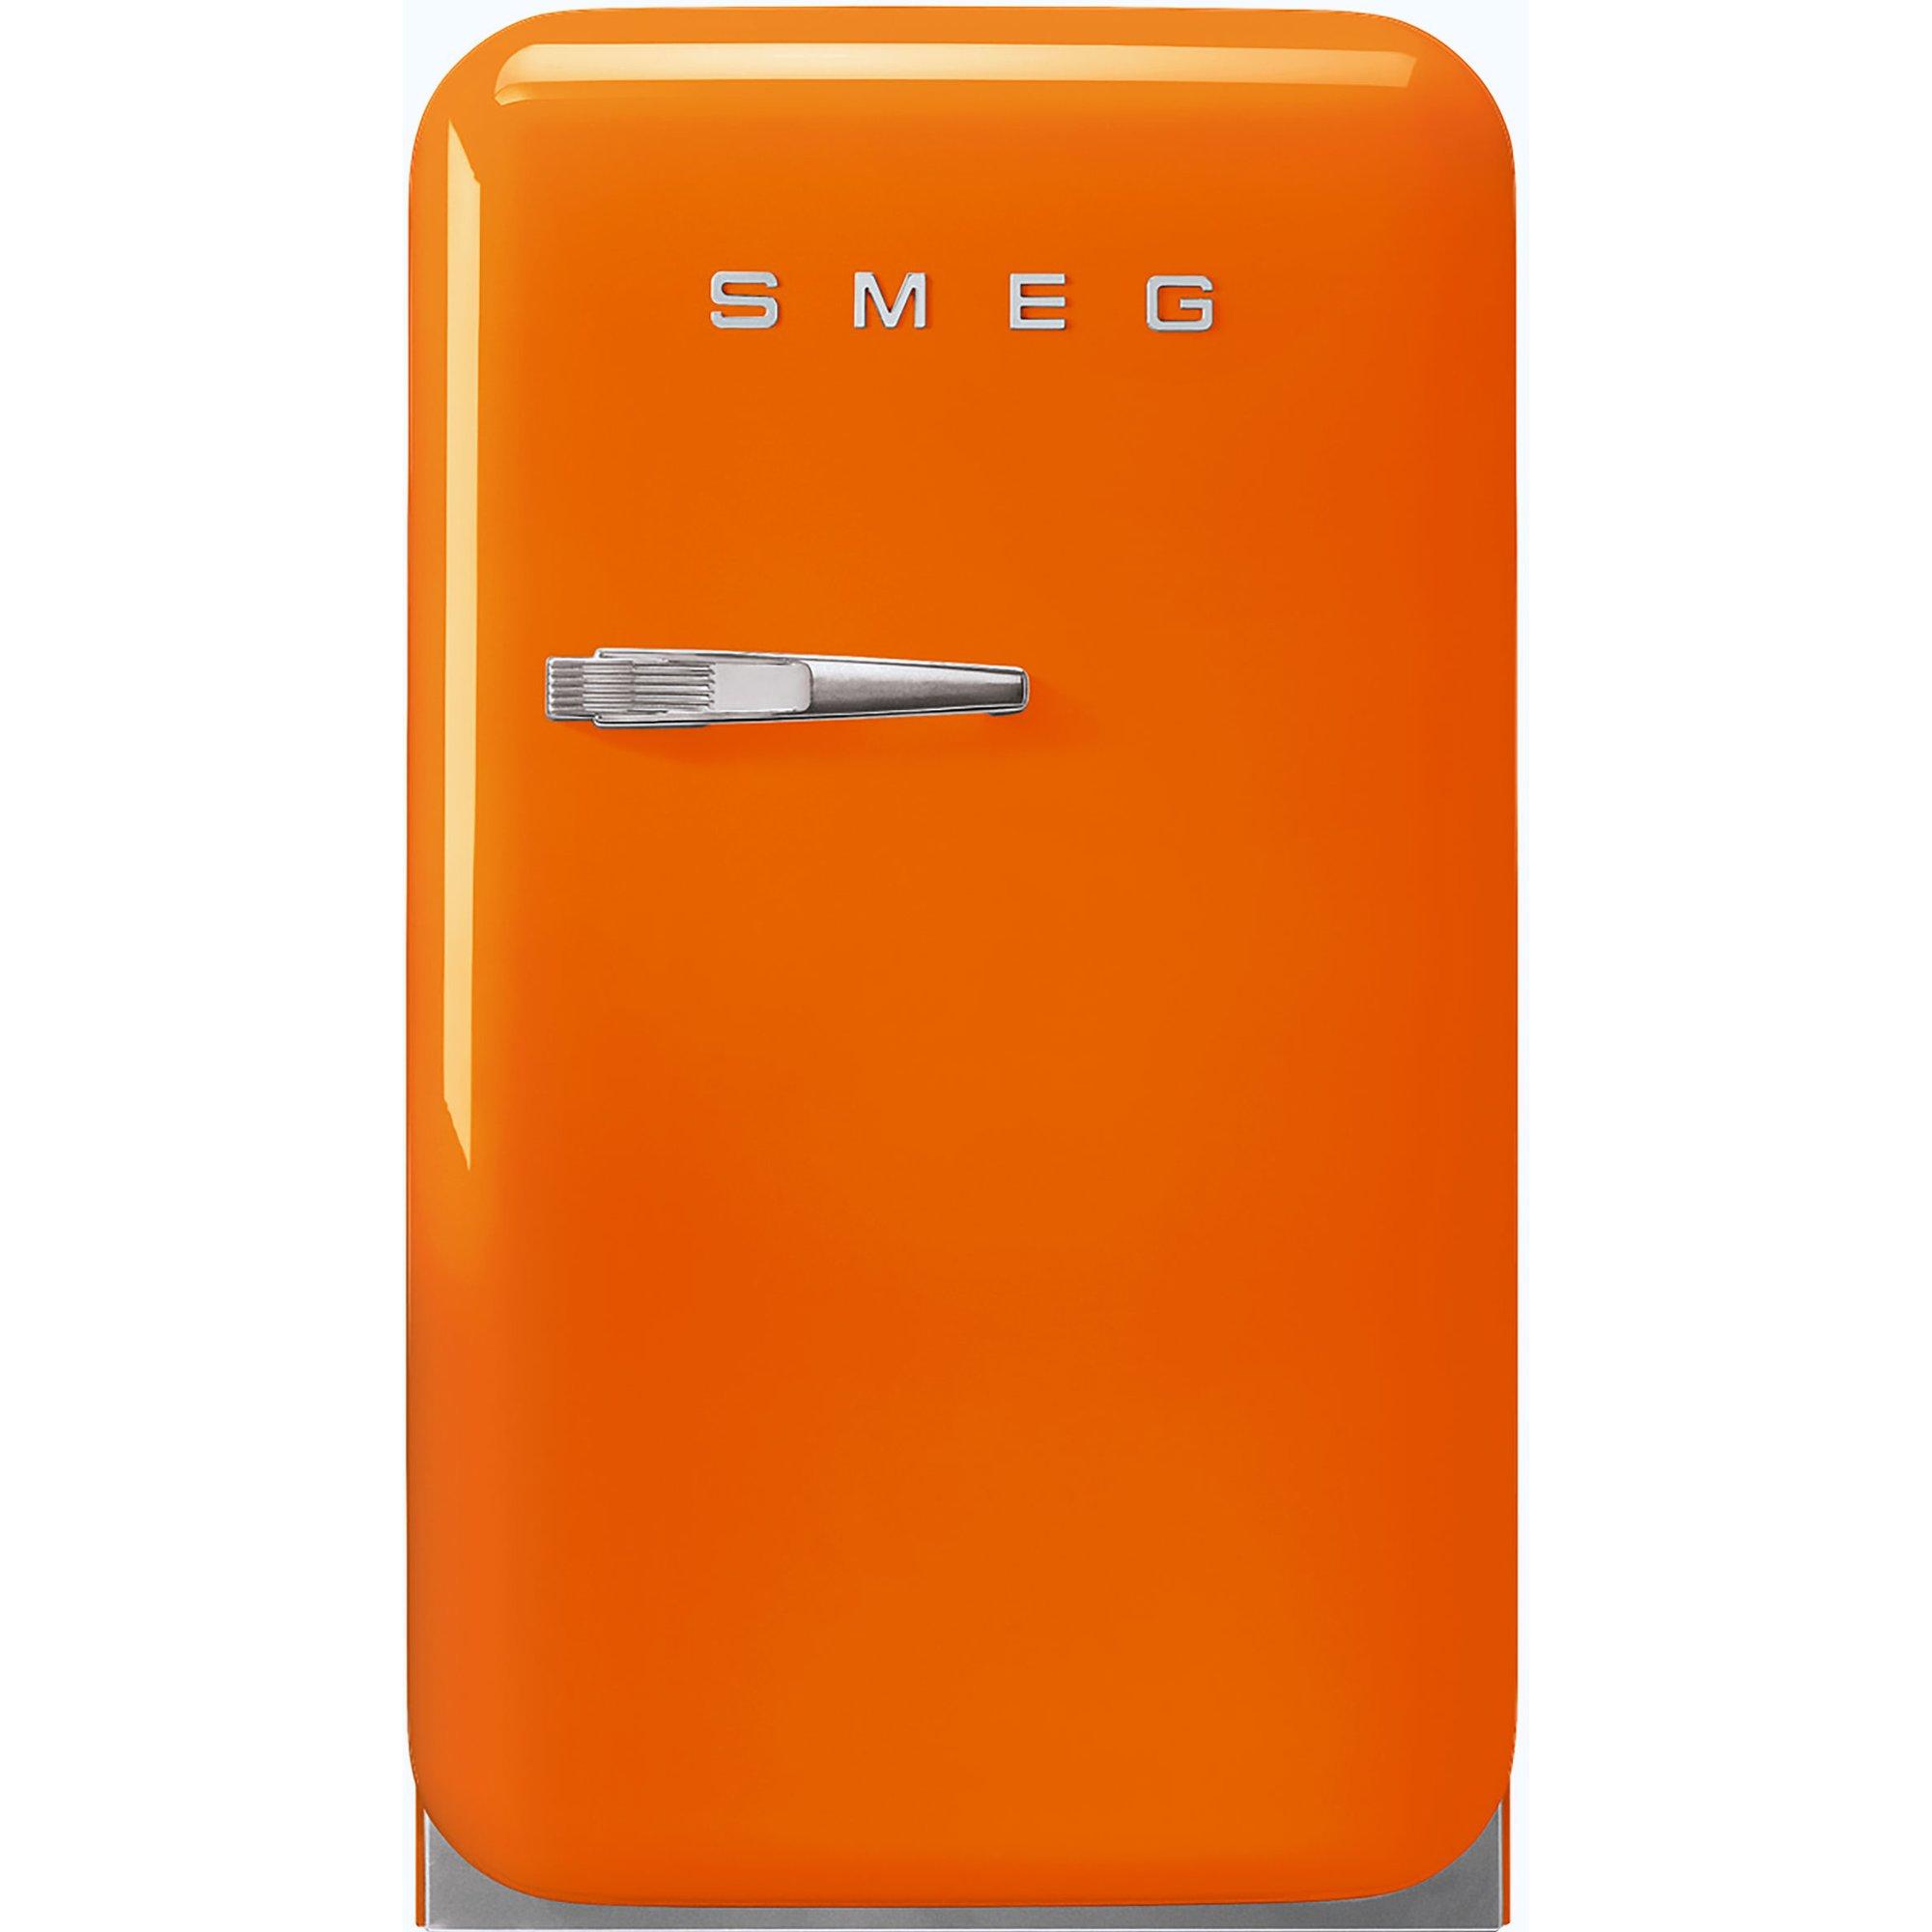 Smeg 74 cm Högerhängt Kylskåp i Retrodesign Orange